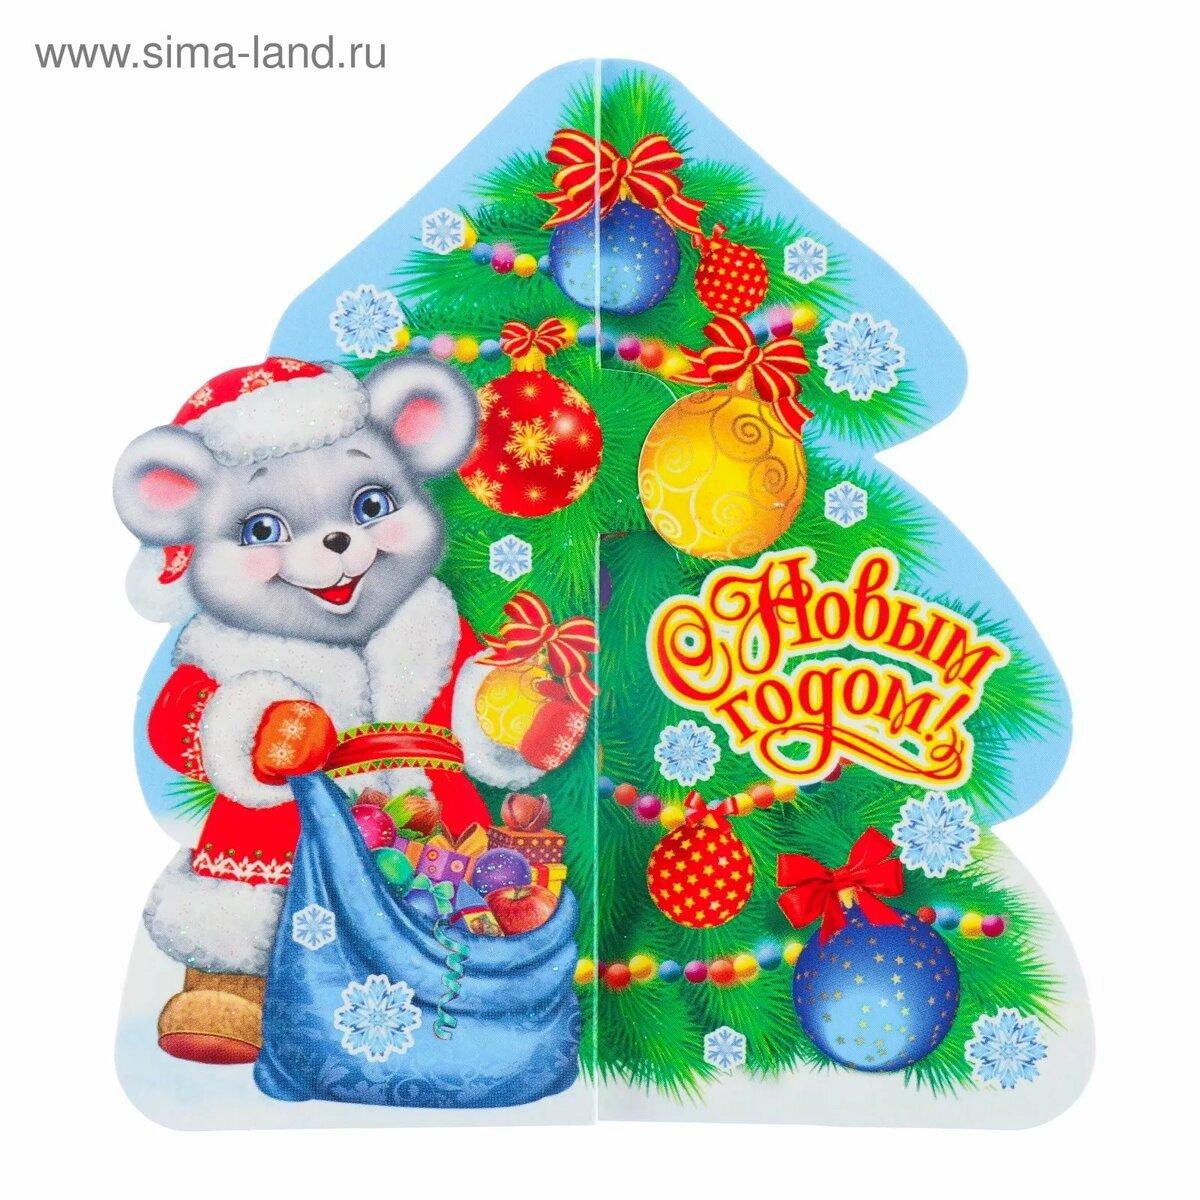 пожелания на новый год мини открытки ликвидаторам жертвам радиационных